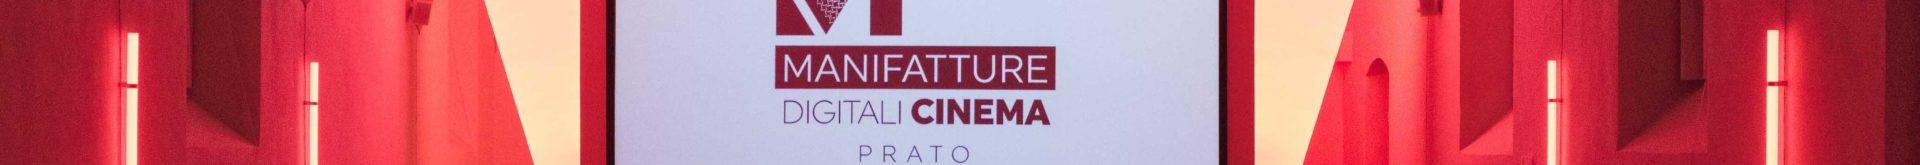 Manifatture Digitali Cinema di Prato: più spazi e più tecnologia